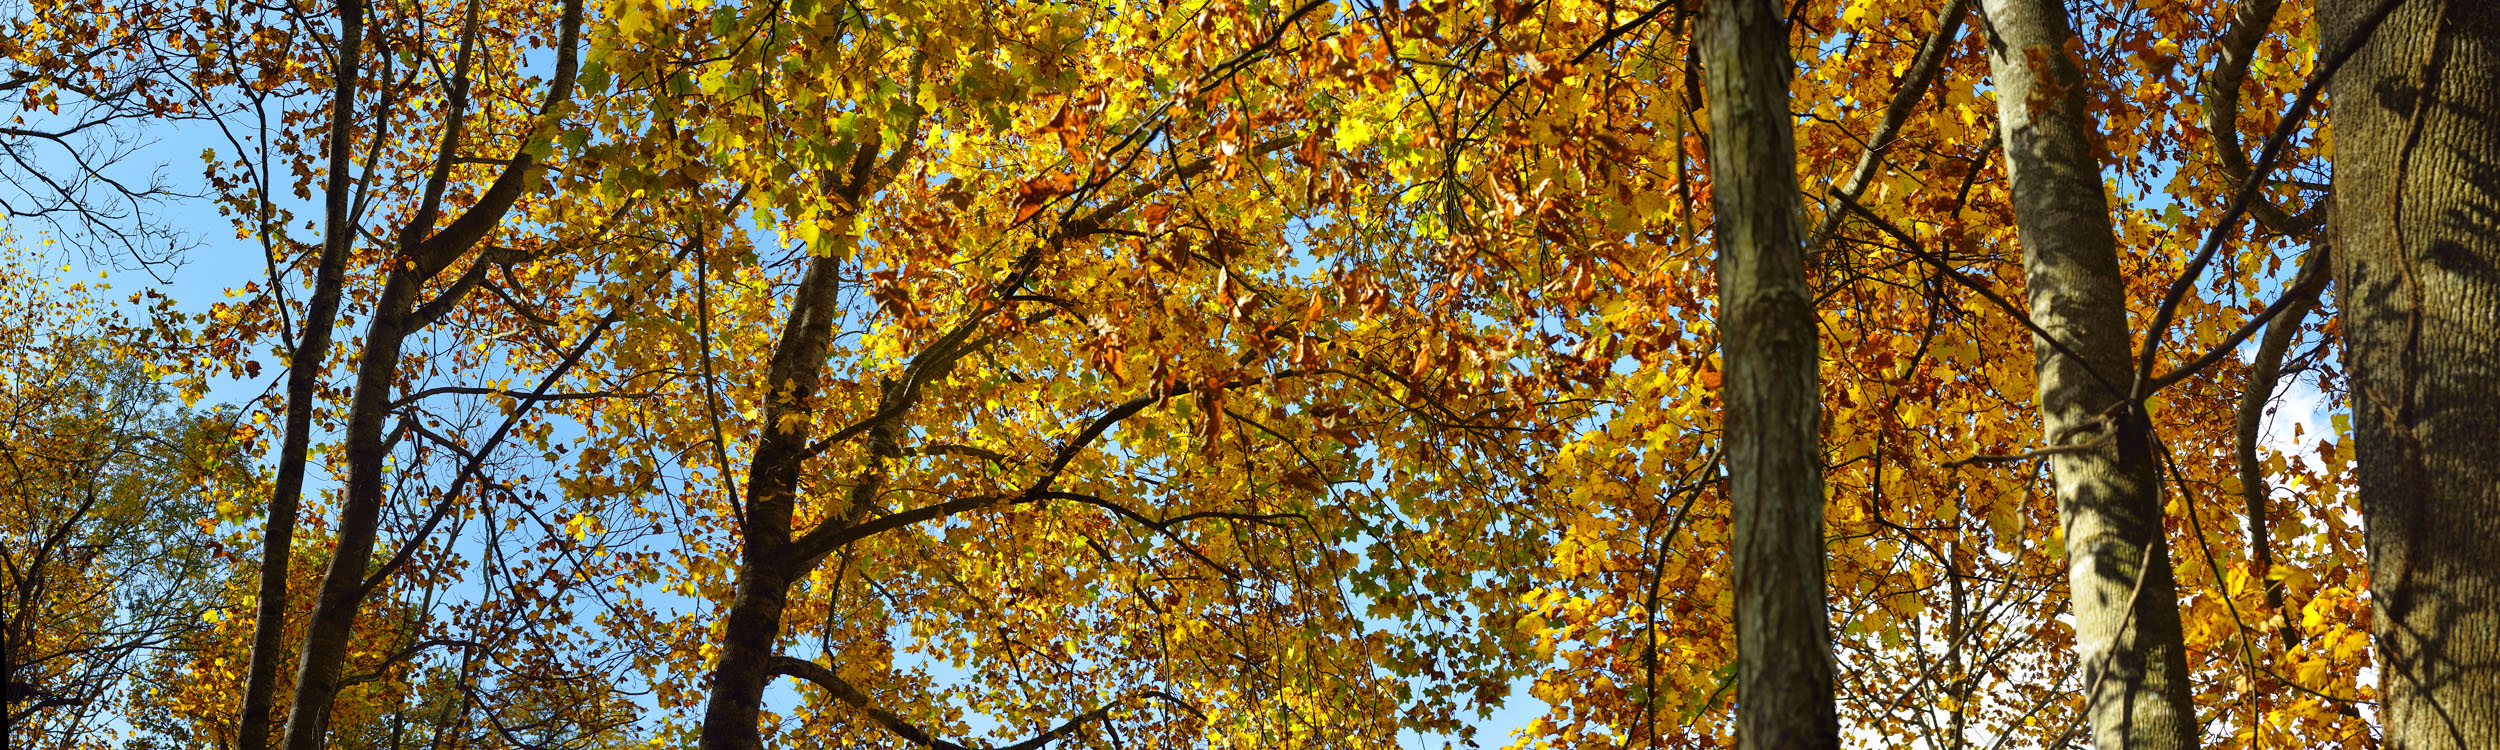 Fall Folliage, North Carolina